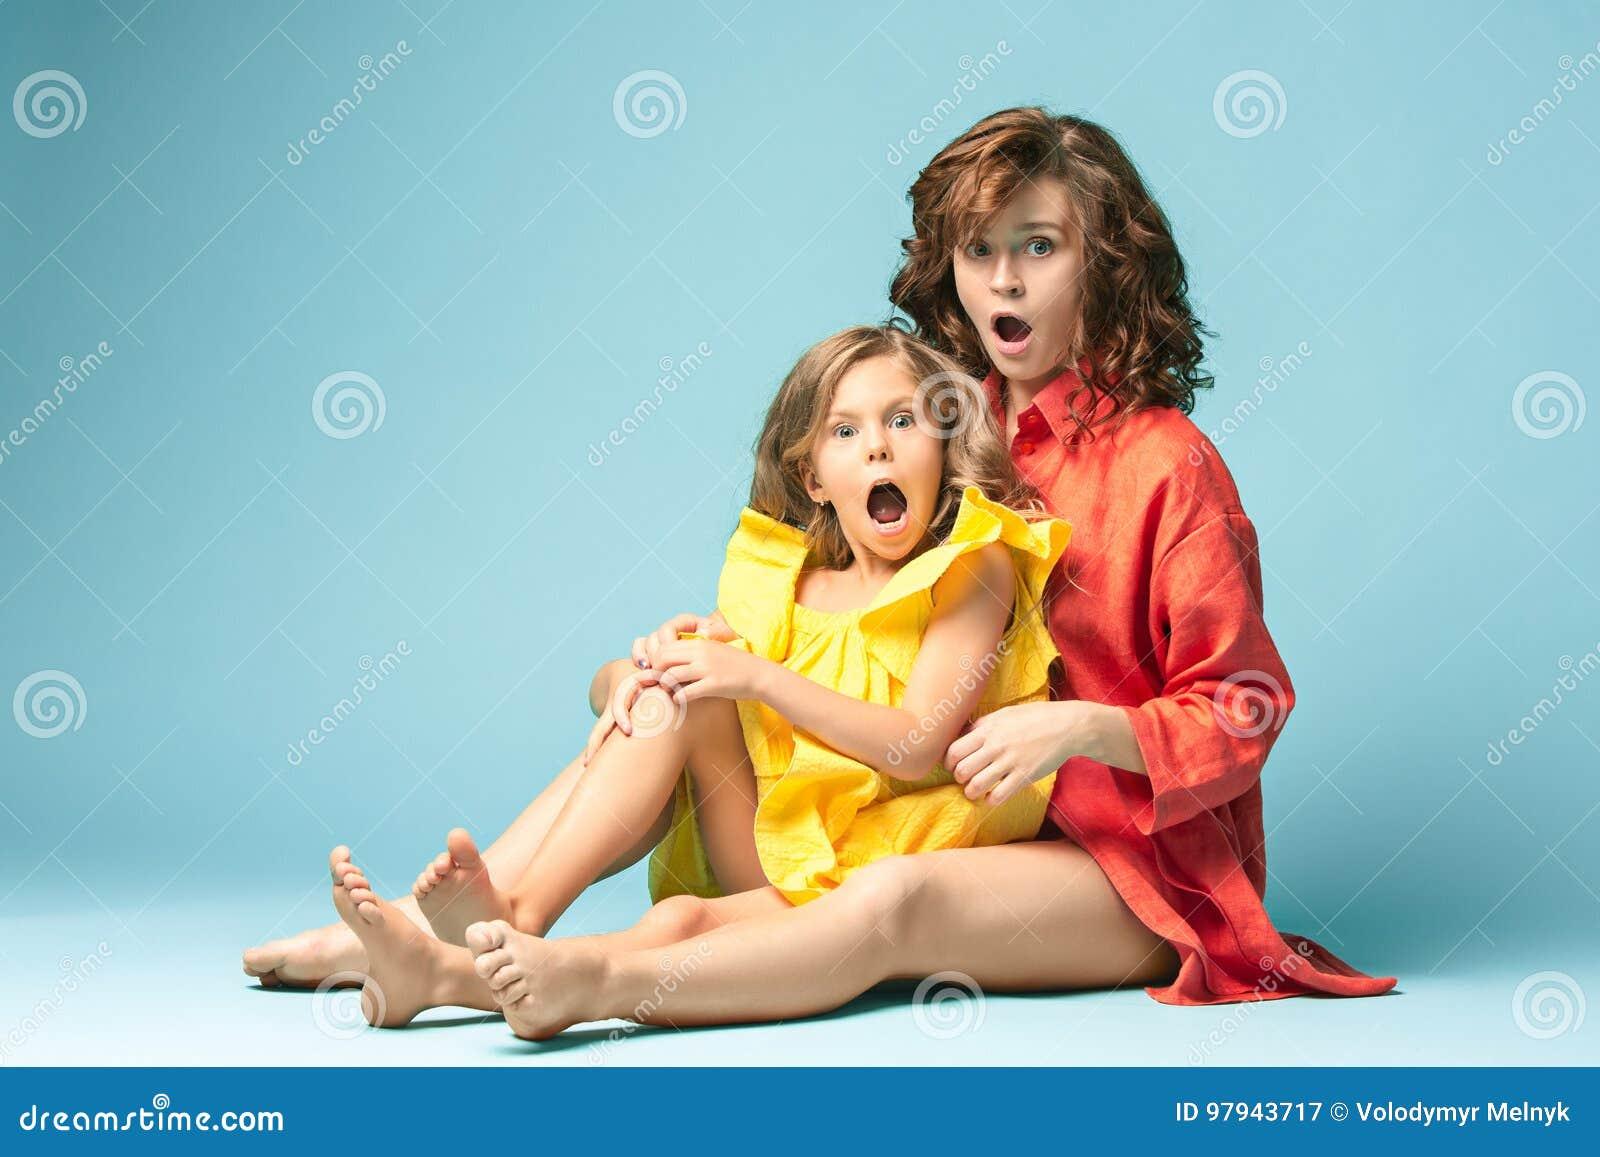 Boobs Nude Mom And Girl Gif